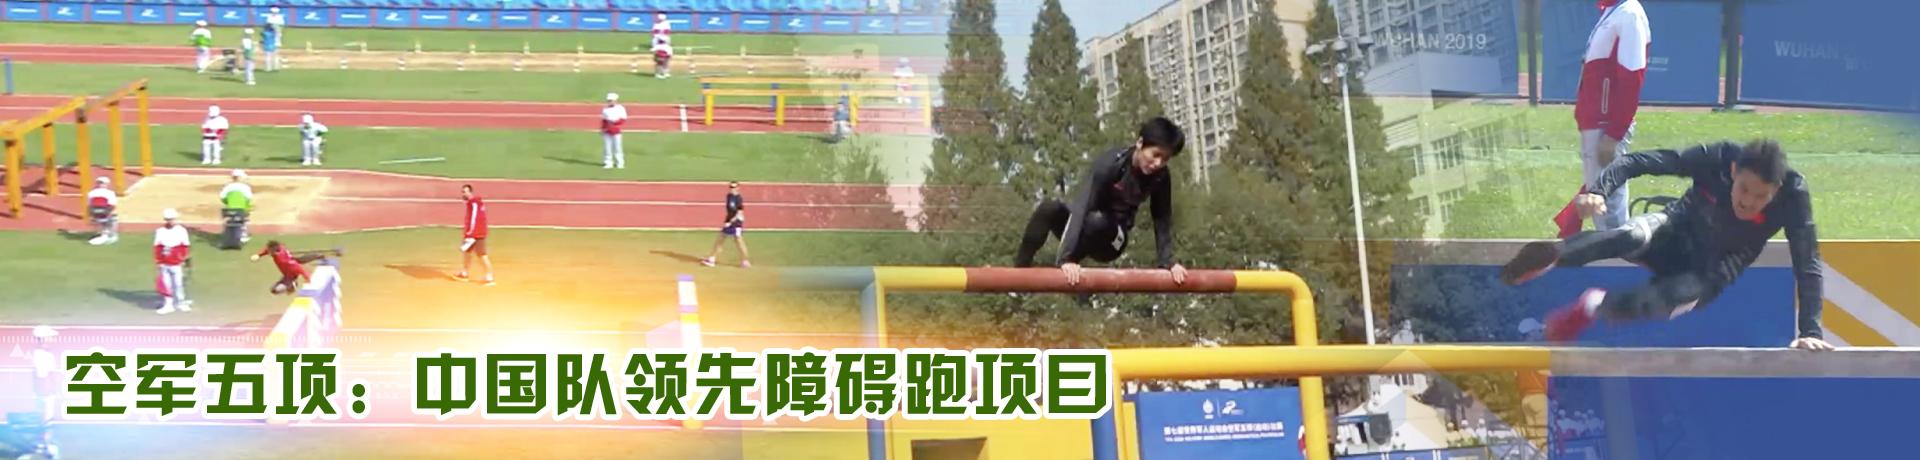 空軍五項:中國隊領先障礙跑項目